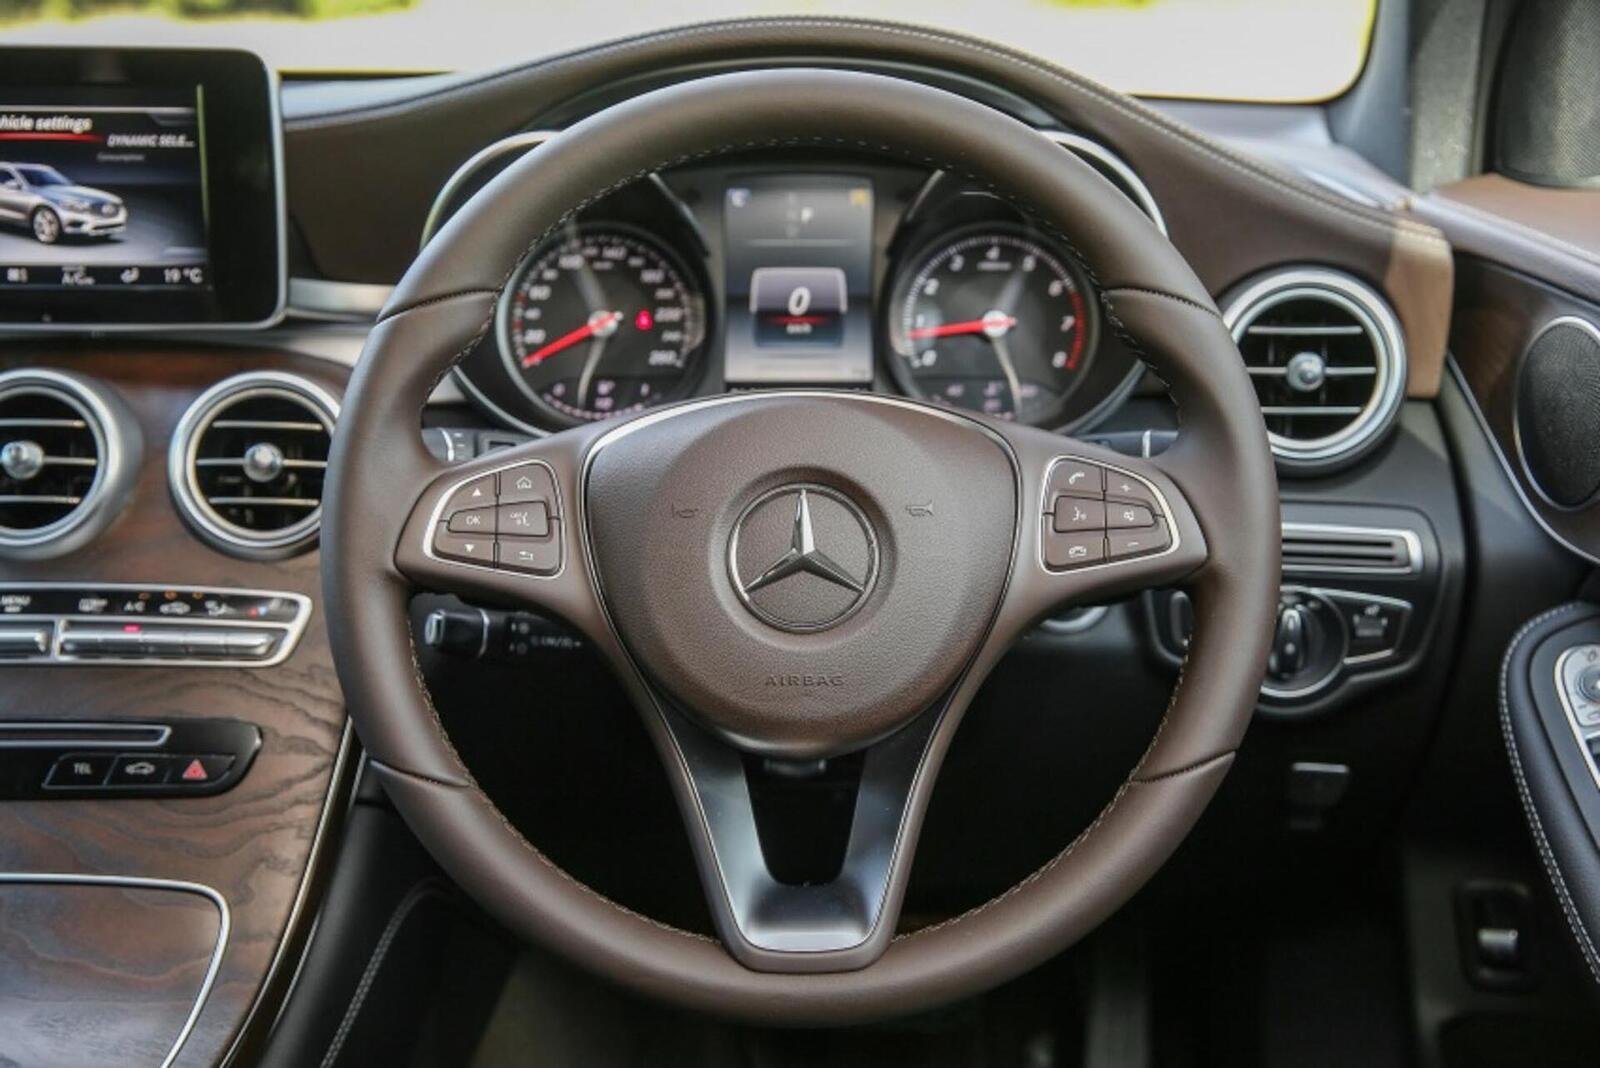 Mercedes-Benz GLC 200 có thể sẽ về Việt Nam với giá rẻ hơn - Hình 10